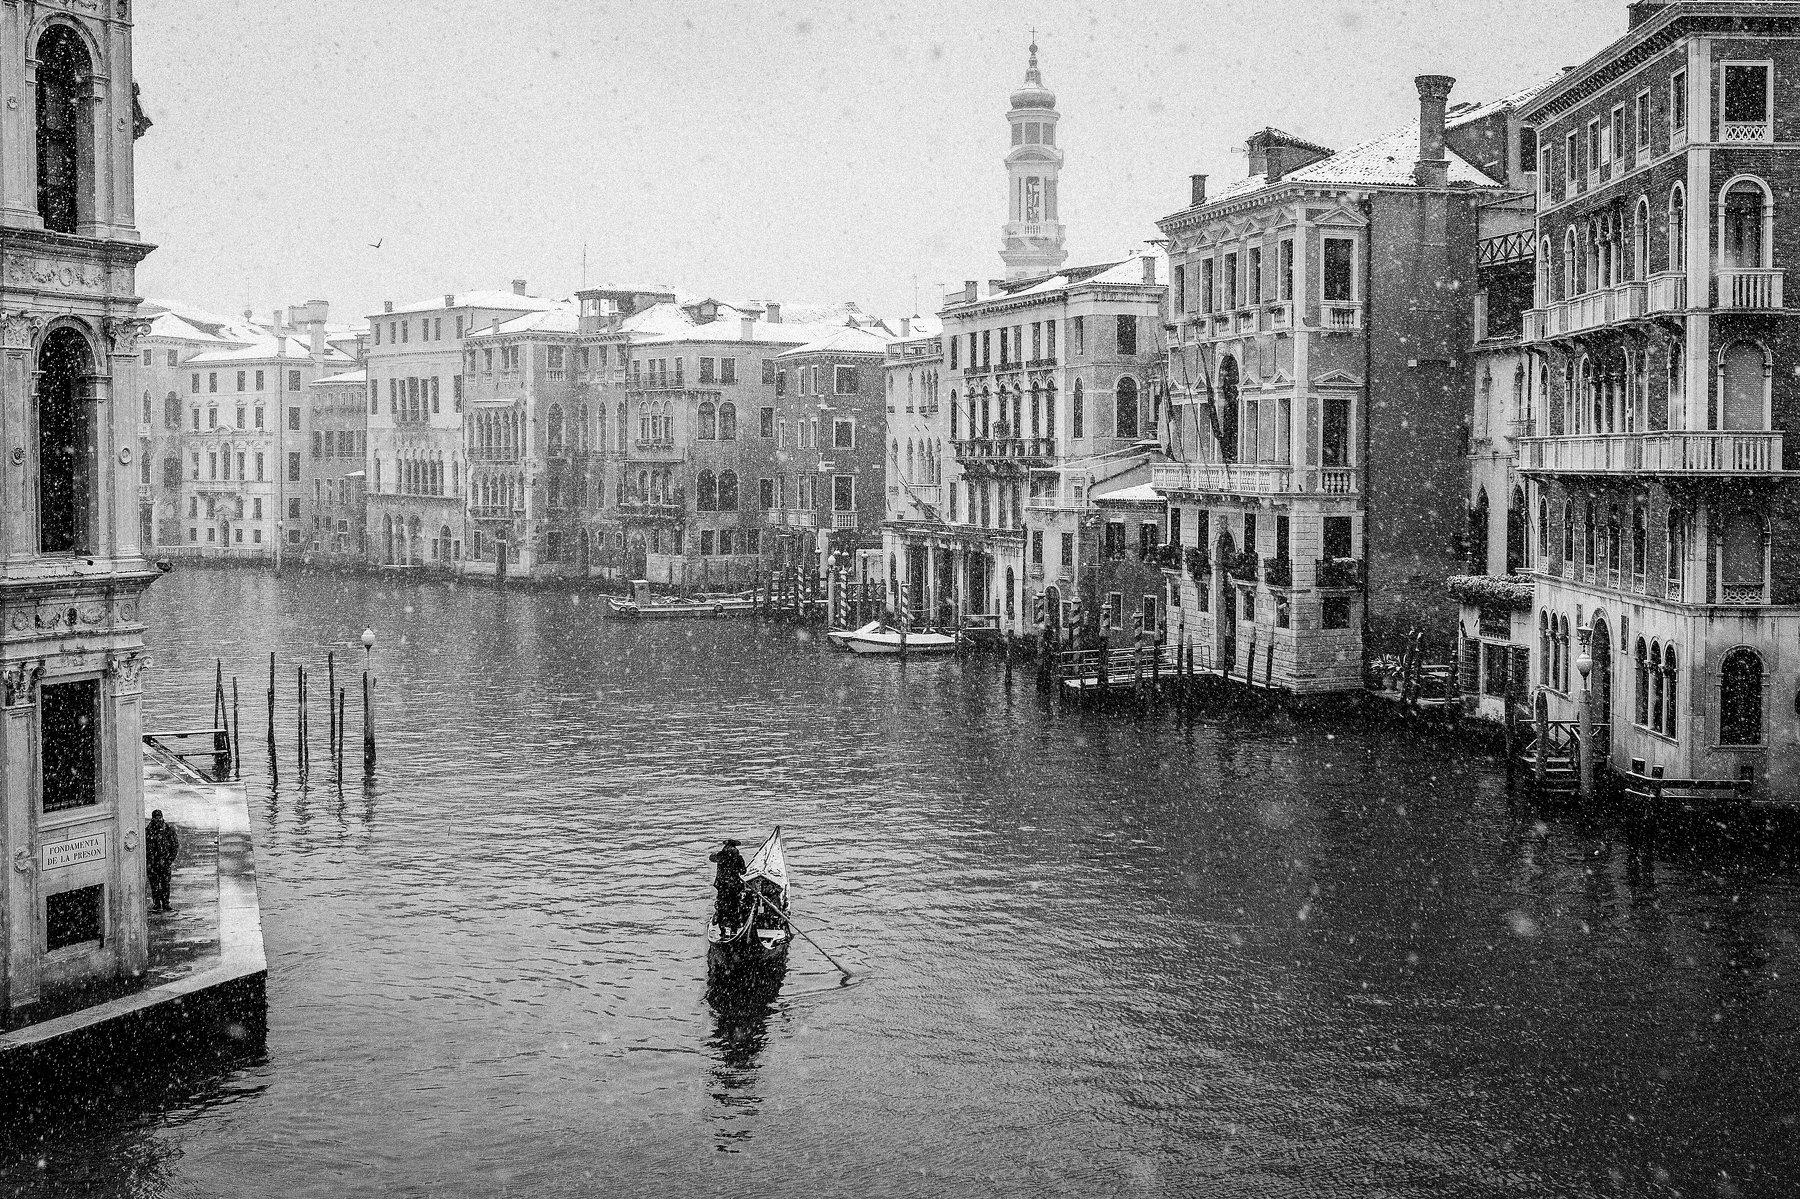 Italy, Venice, BW, cityscape,, Igor Sokolovsky